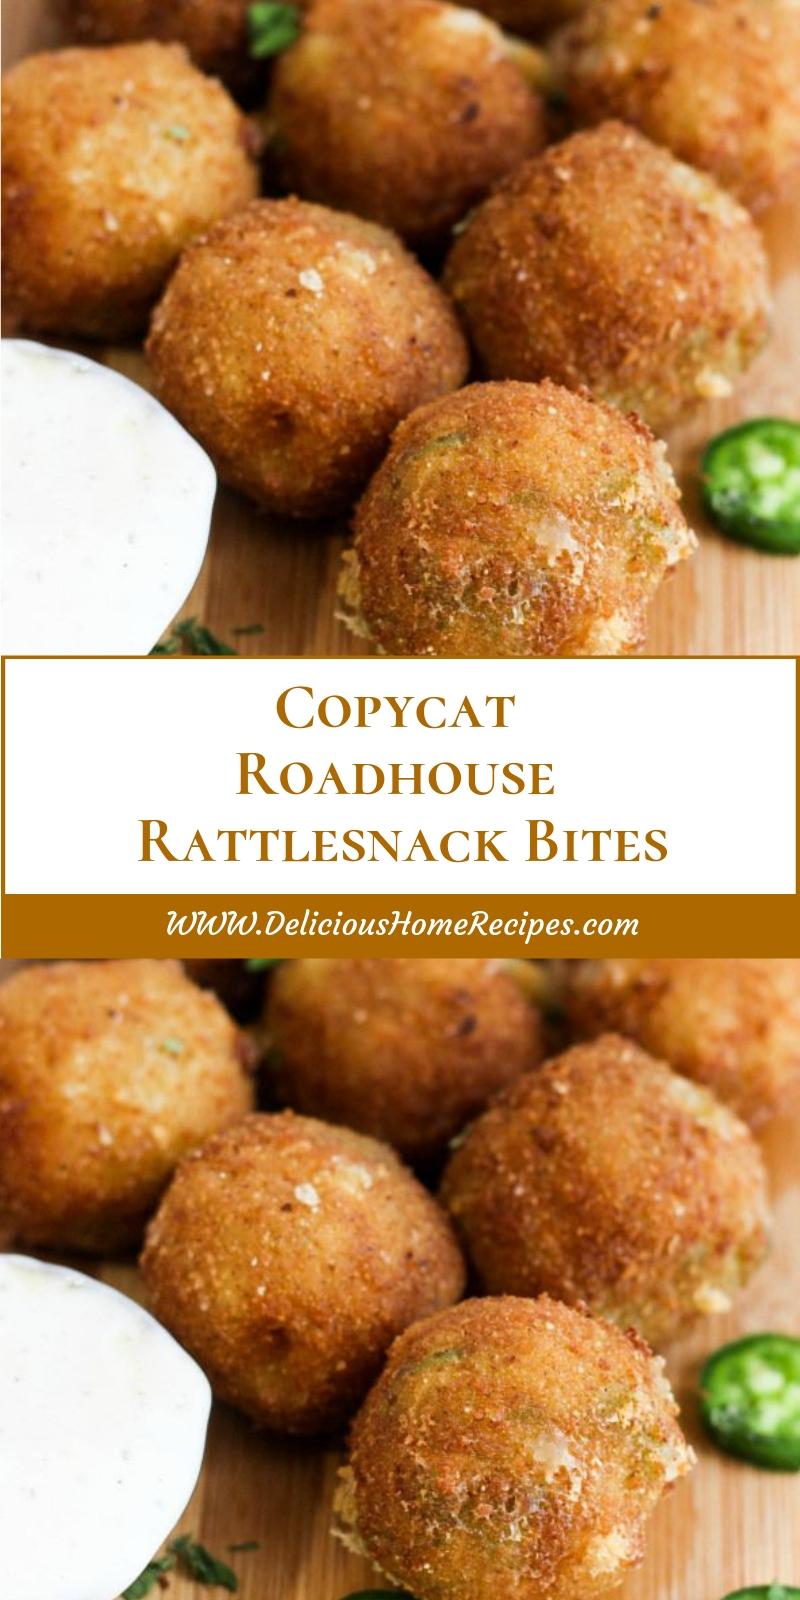 Copycat Roadhouse Rattlesnack Bites